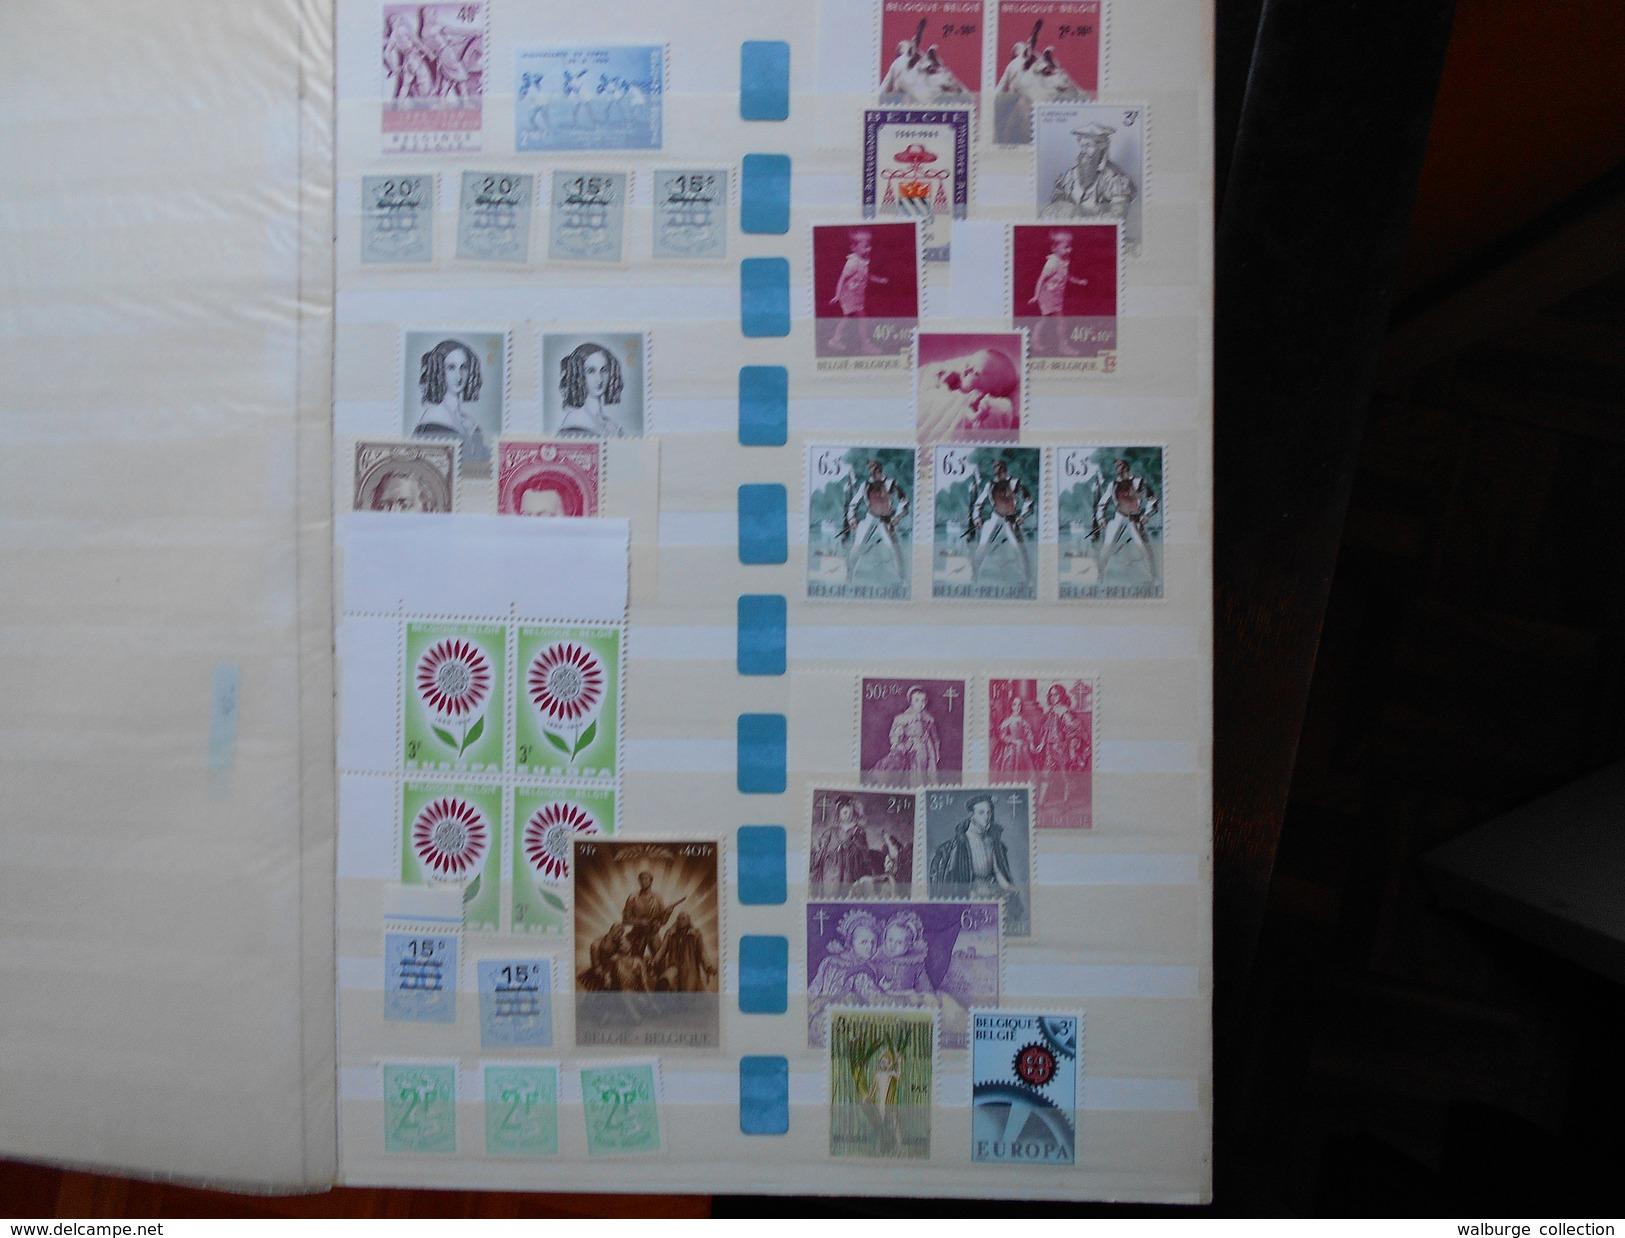 BELGIQUE VARIEE-AERIENNE-SERVICES-CHEMINS DE FER ET DIVERS. BON PETIT LOT A RECLASSER !(1775) 2 KILOS 100 - Belgique